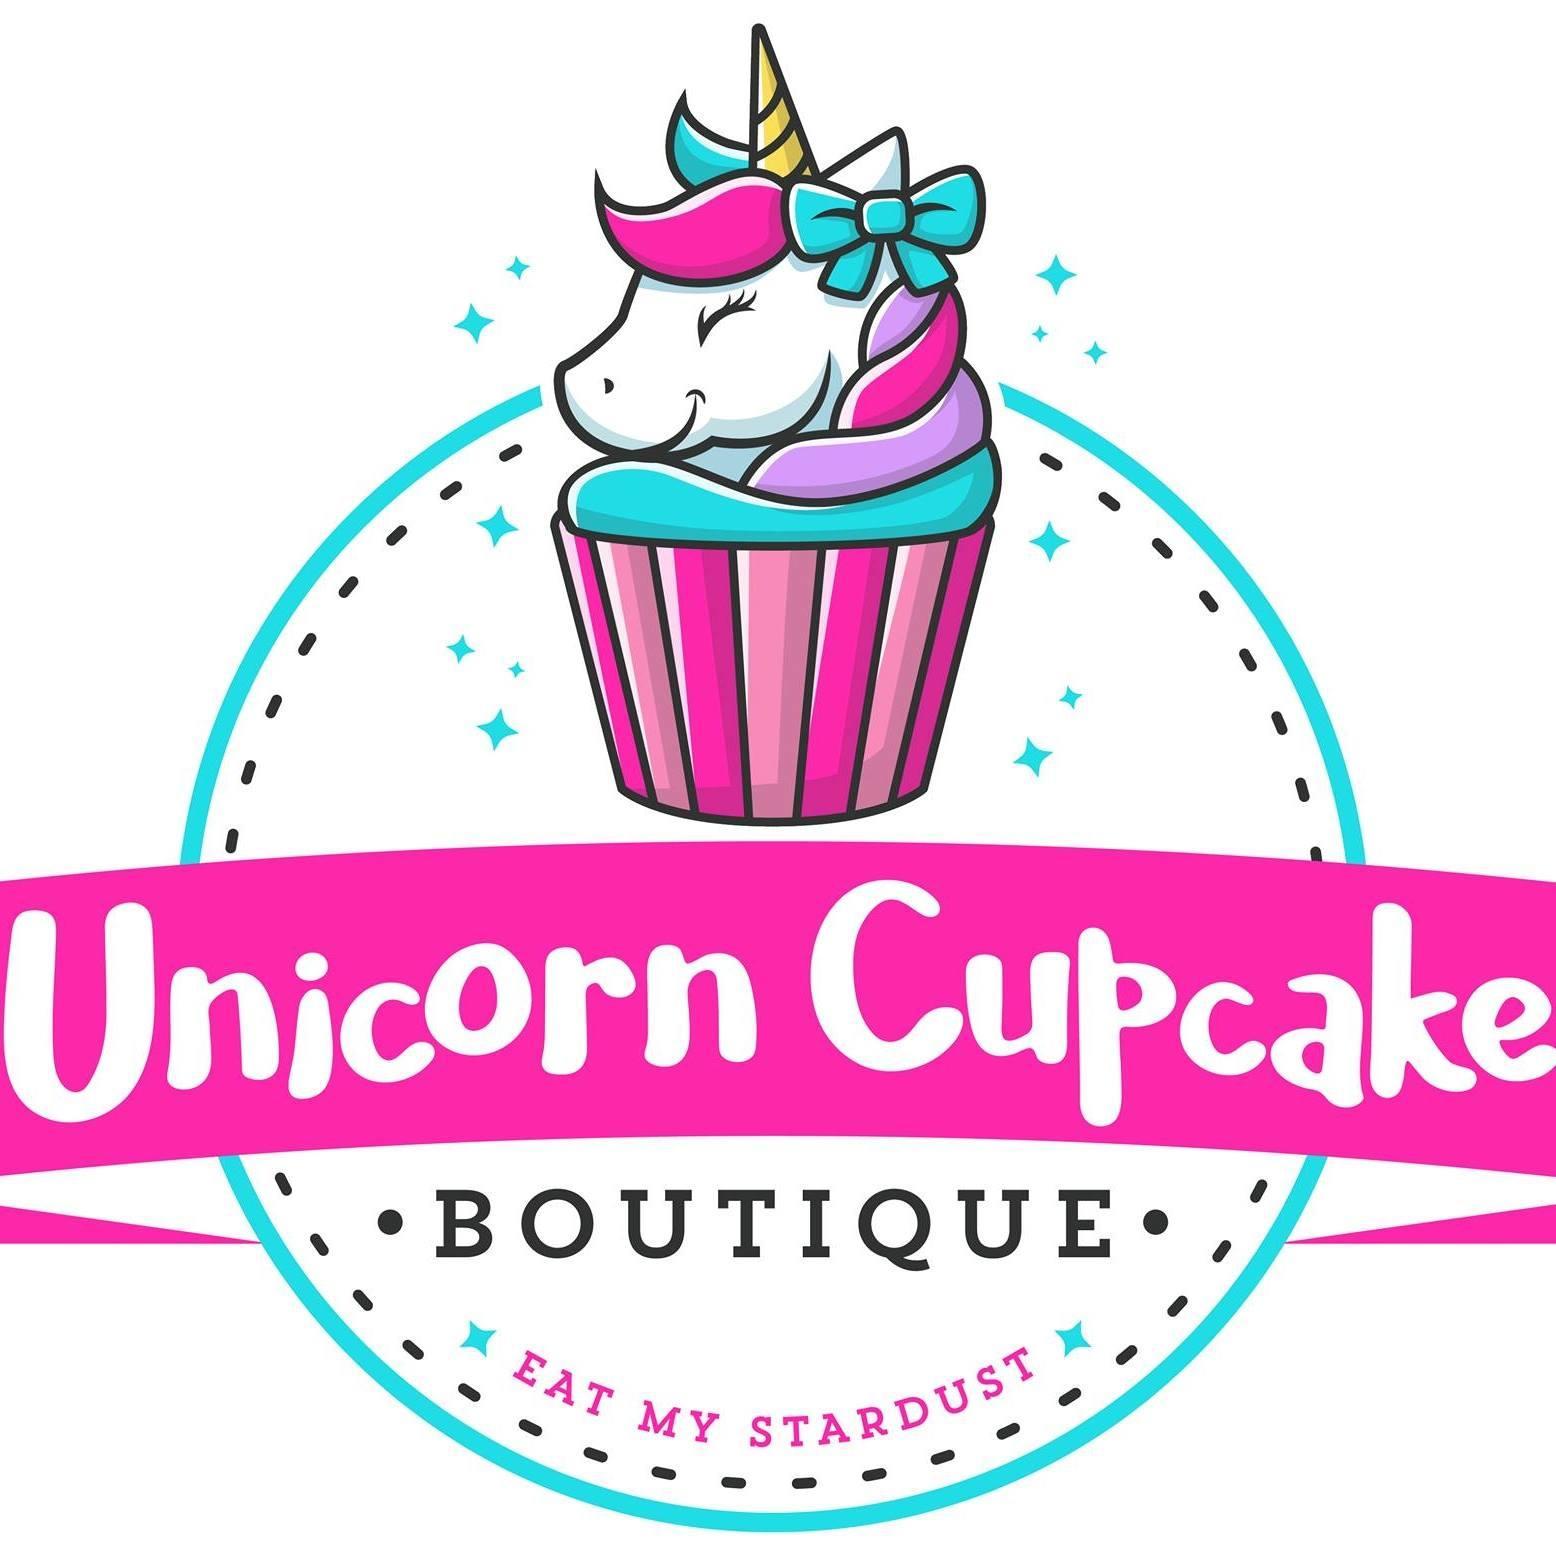 Unicorn Cupcake Boutique